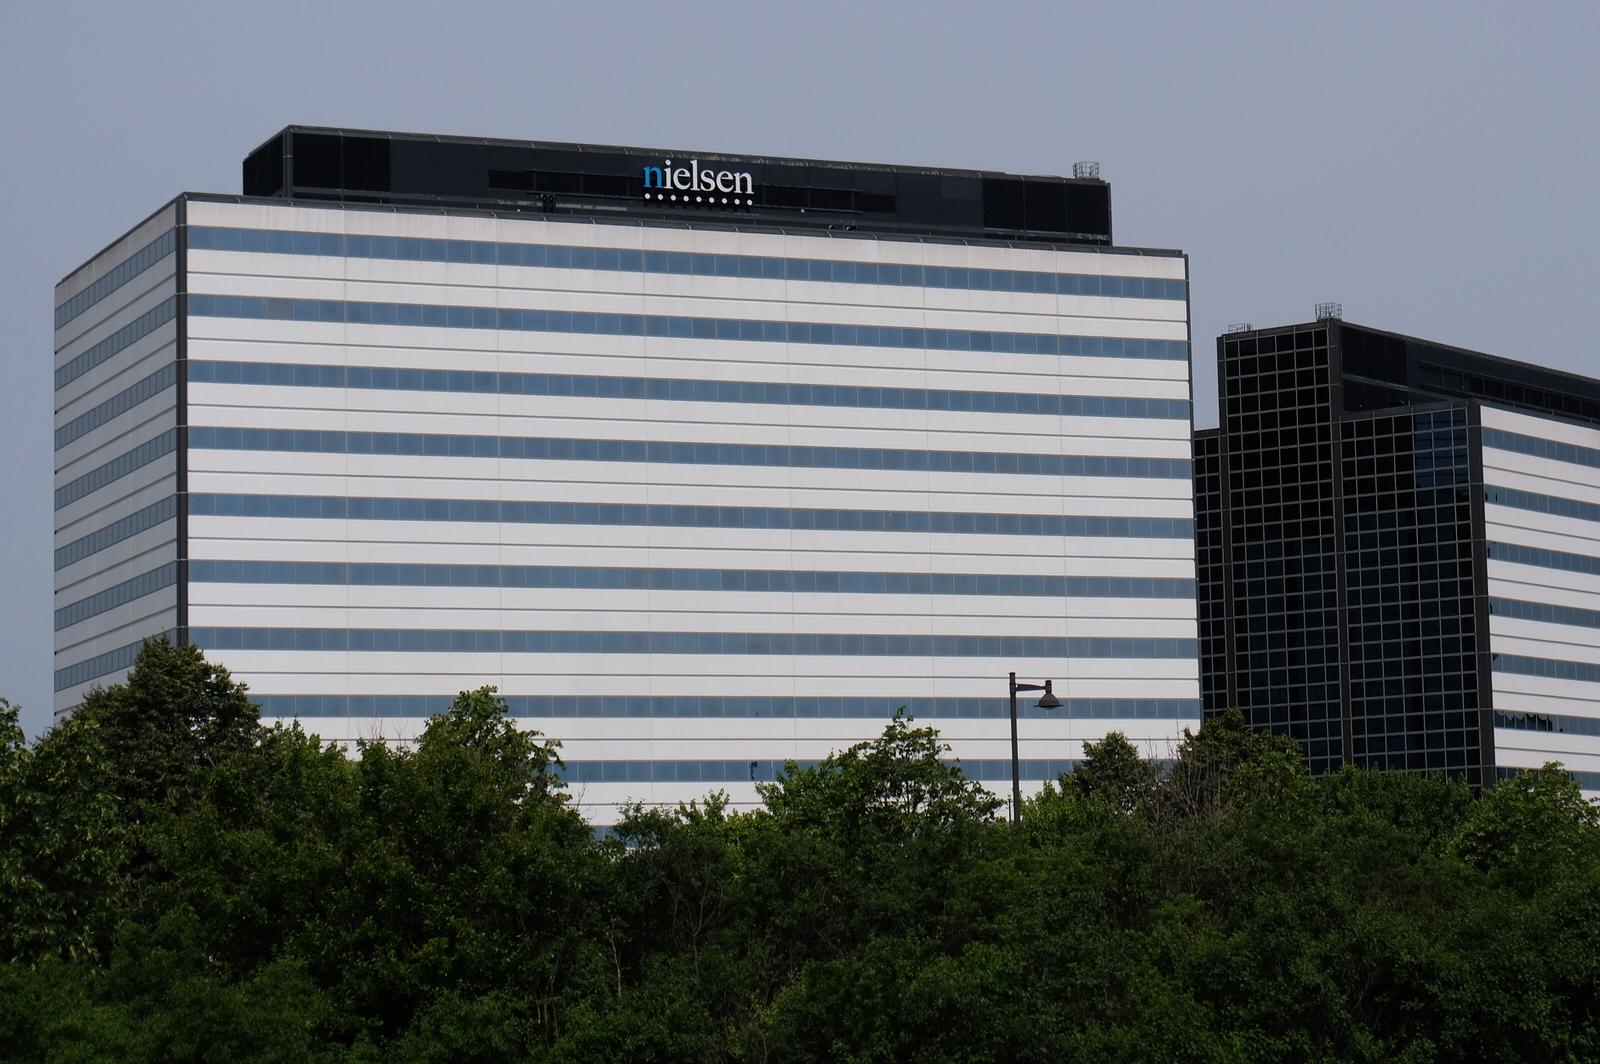 Nielsen office in Schaumburg, Illinois.